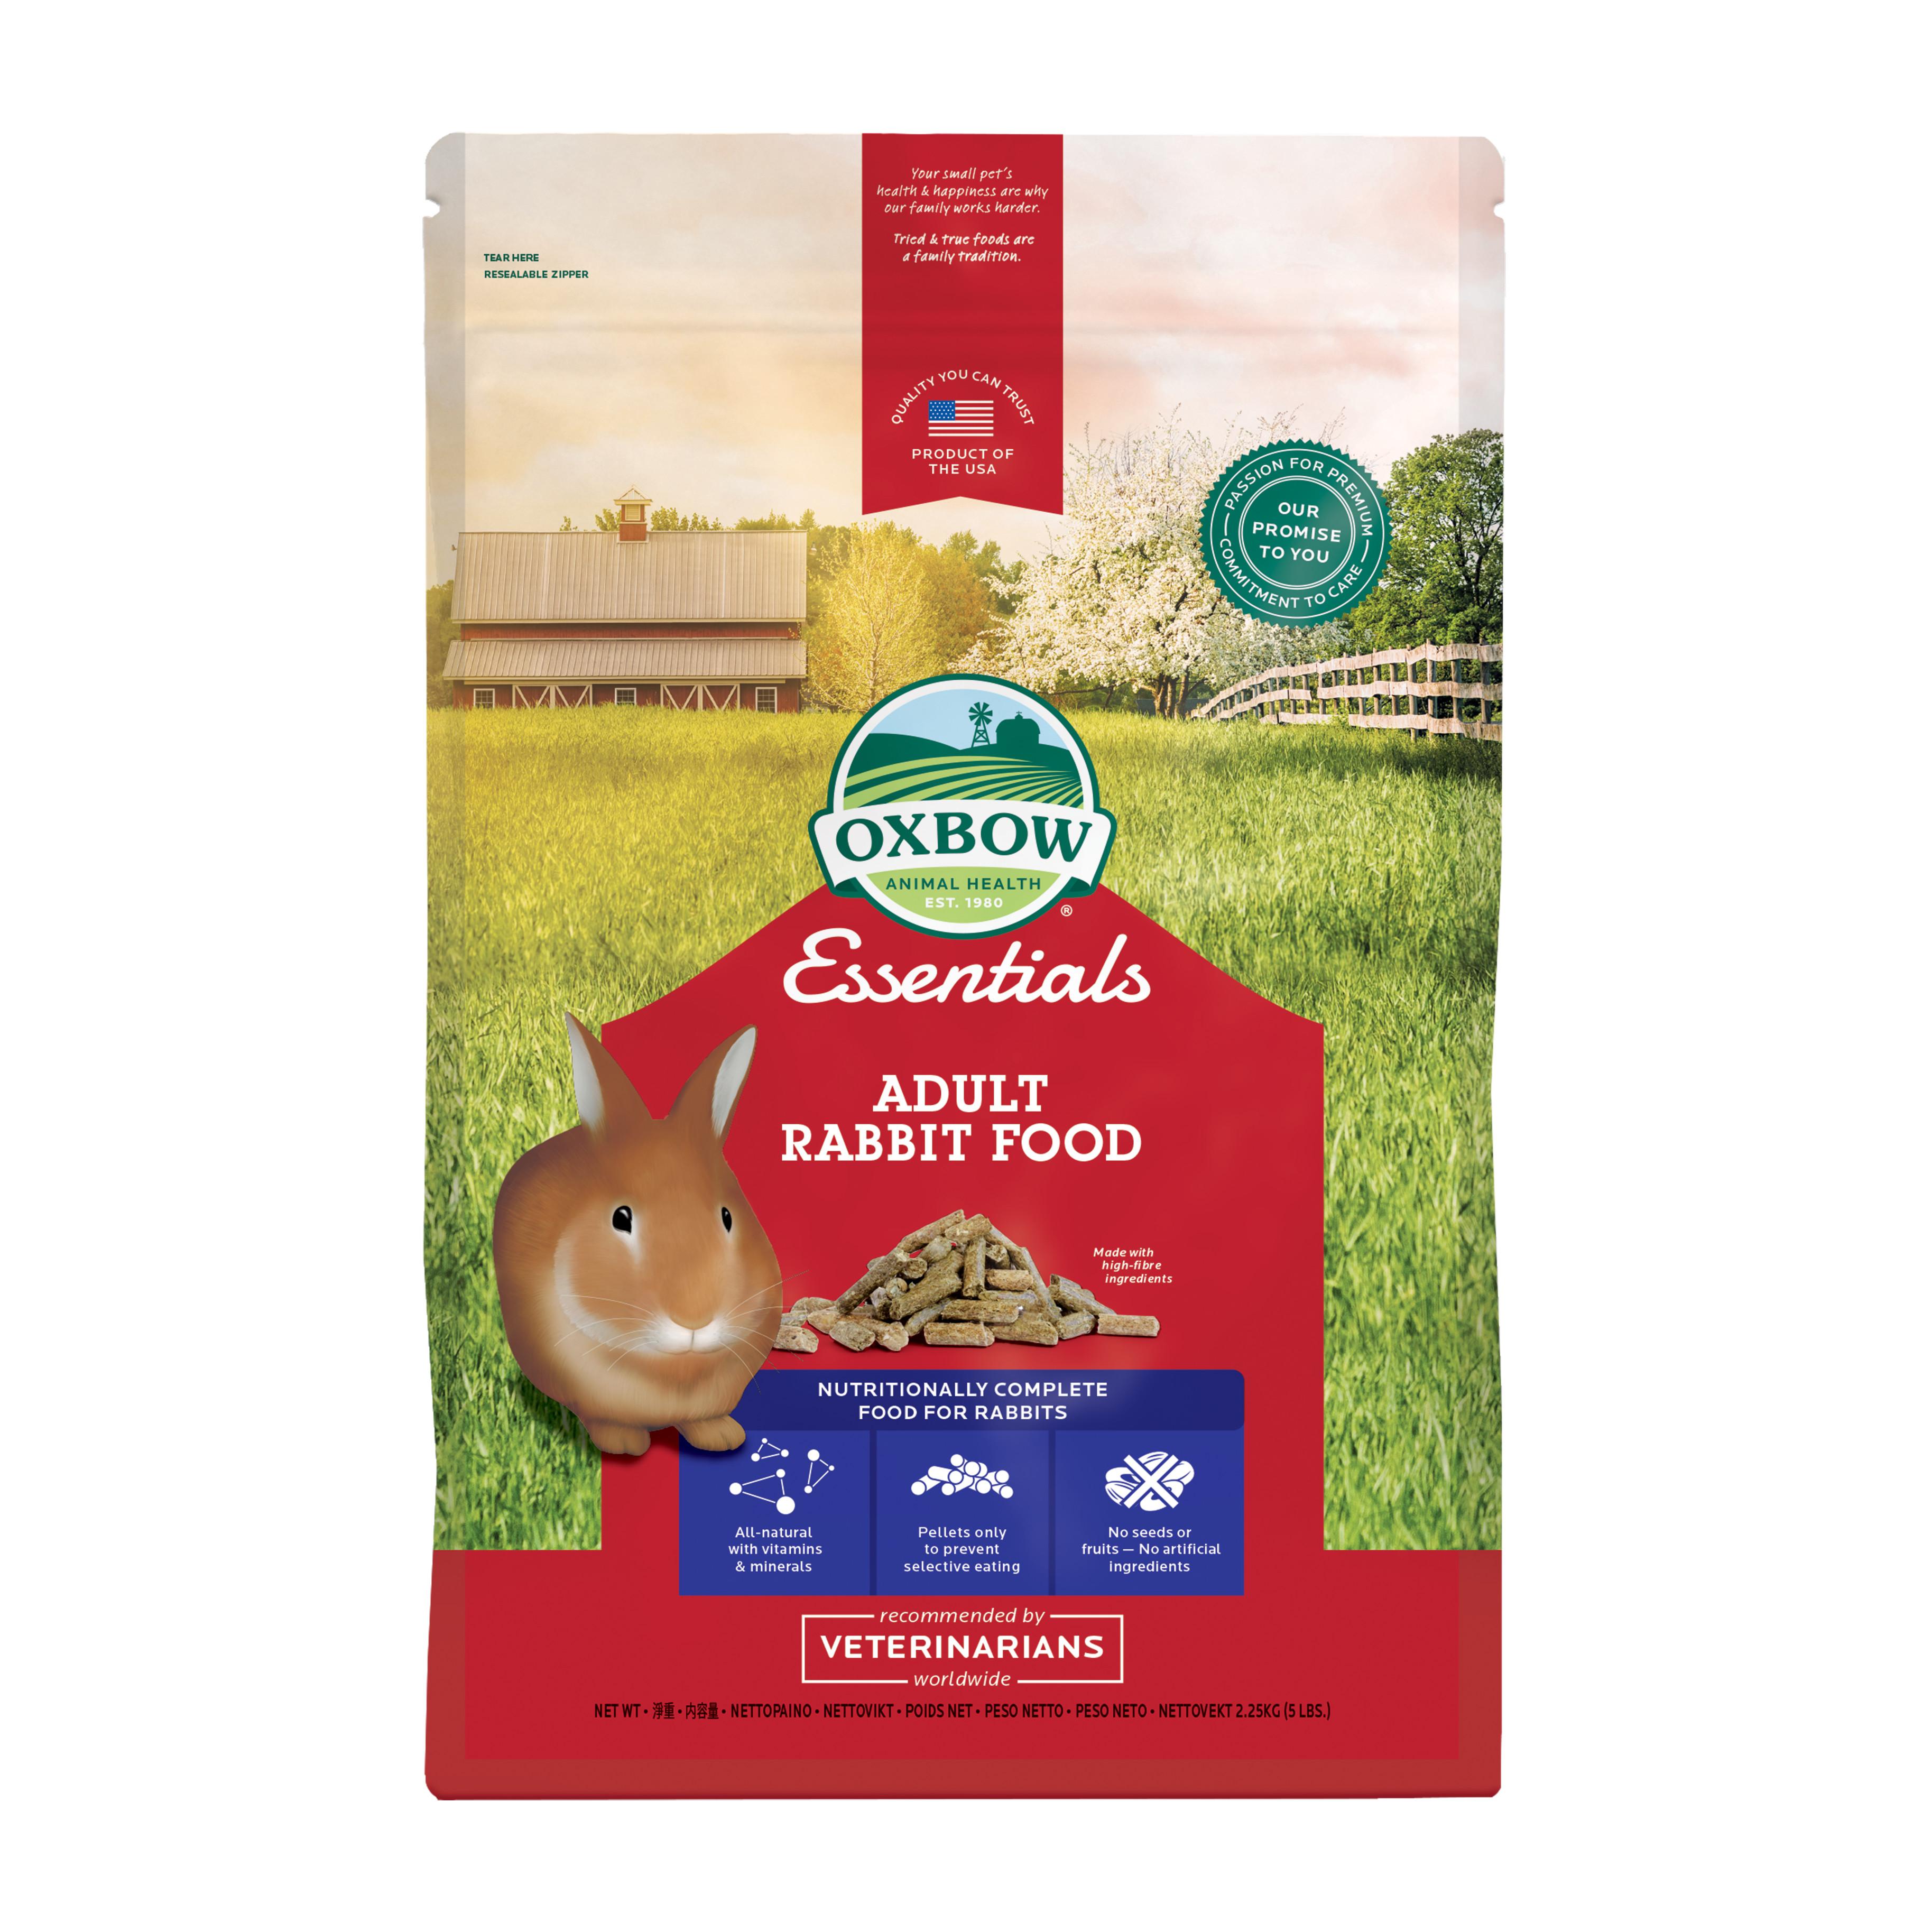 Kaninpellets för vuxna kaniner - 2,25 kg